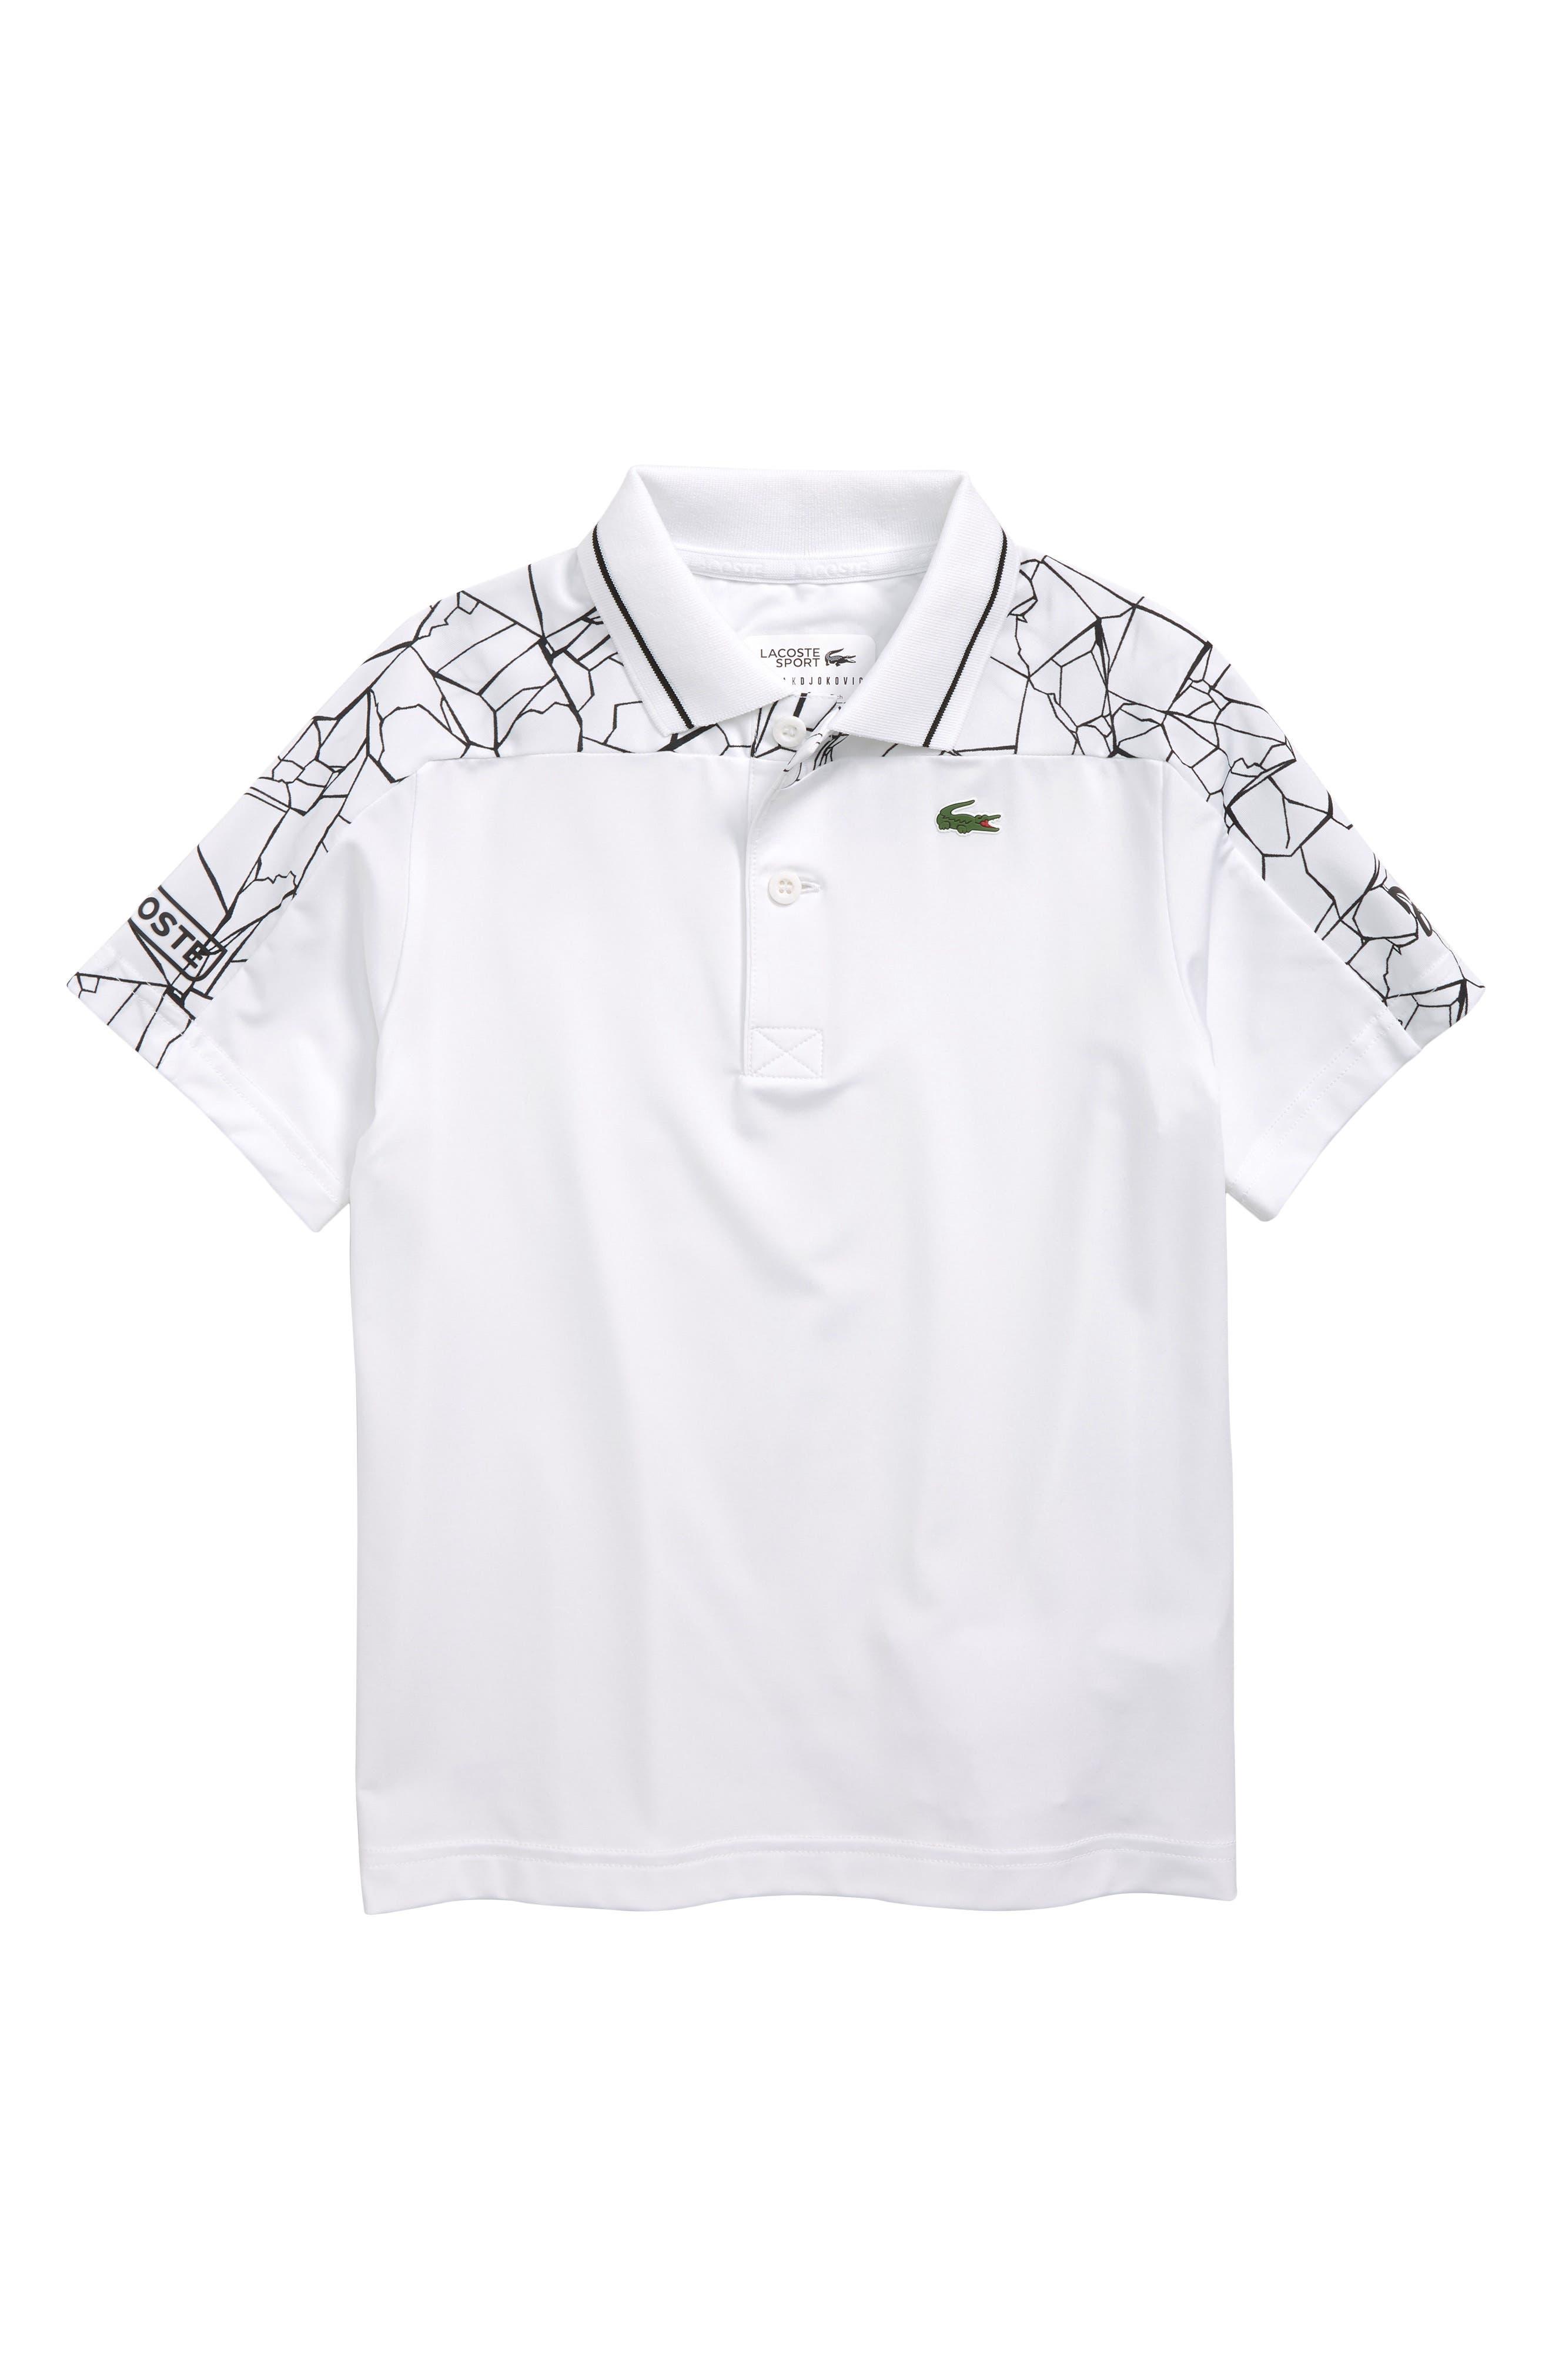 Boys Lacoste Djoko Shoulders Print Polo Size 4Y  Black